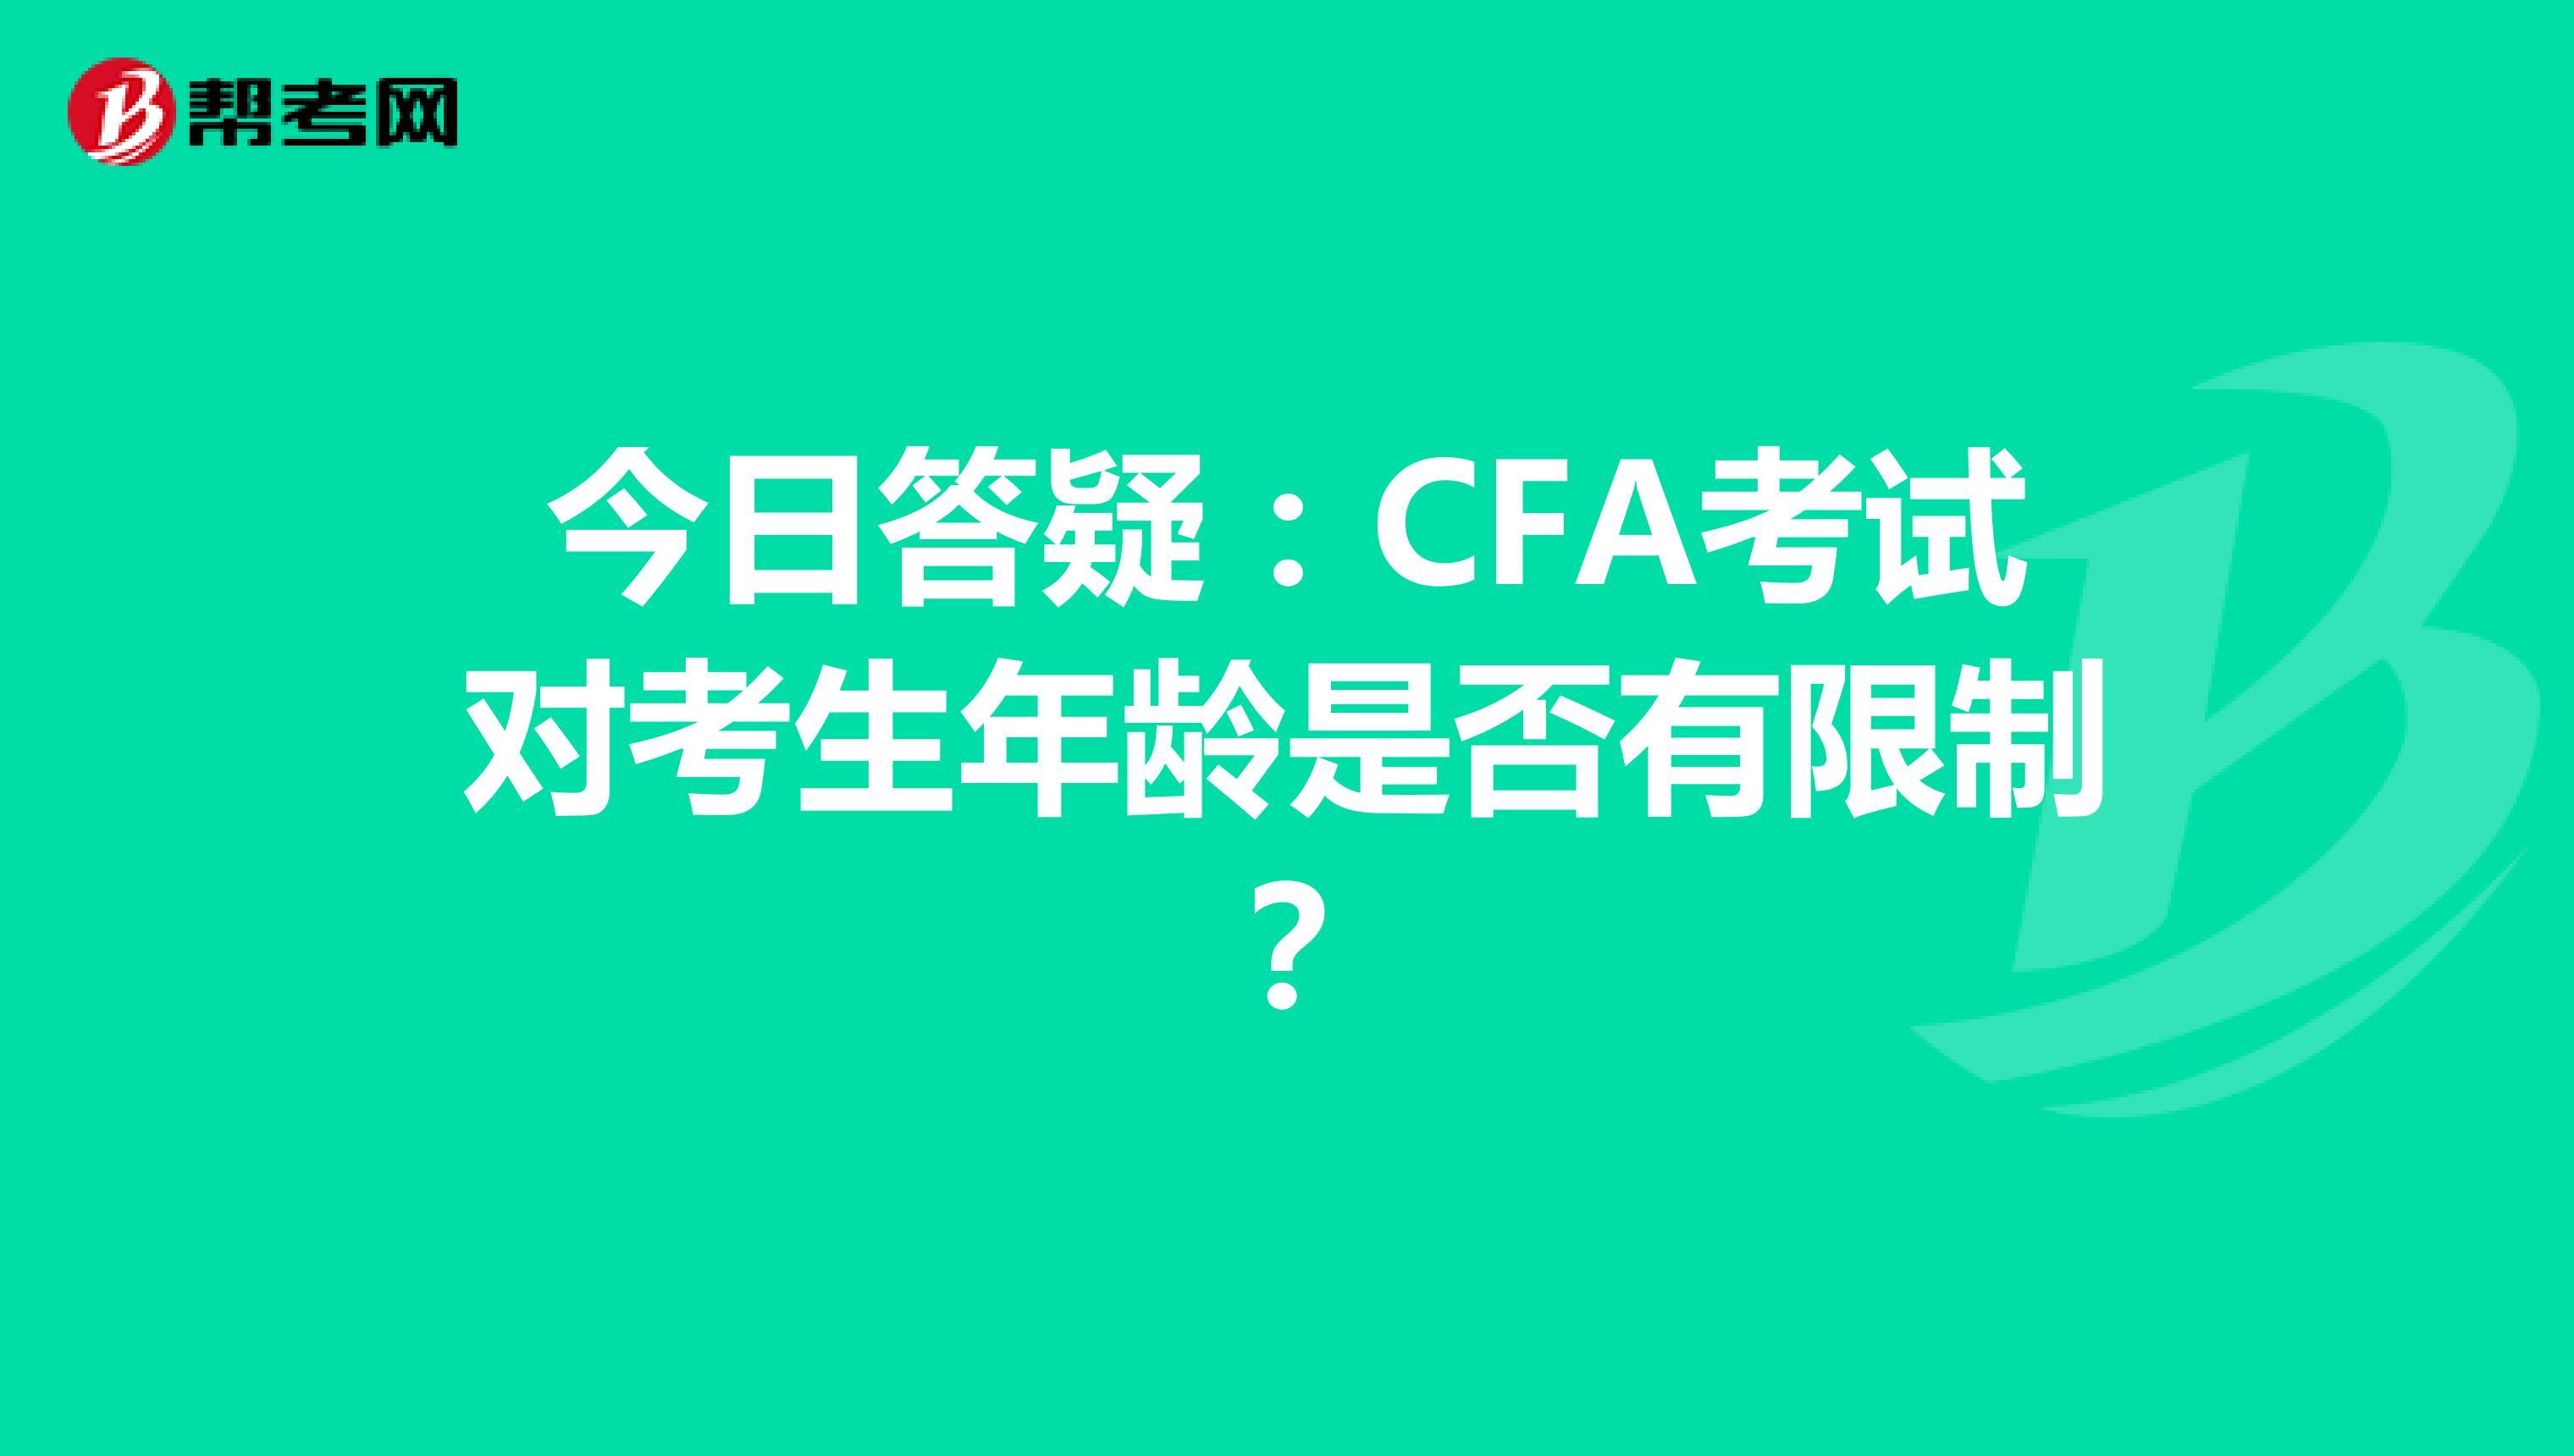 今日答疑:CFA考試對考生年齡是否有限制?